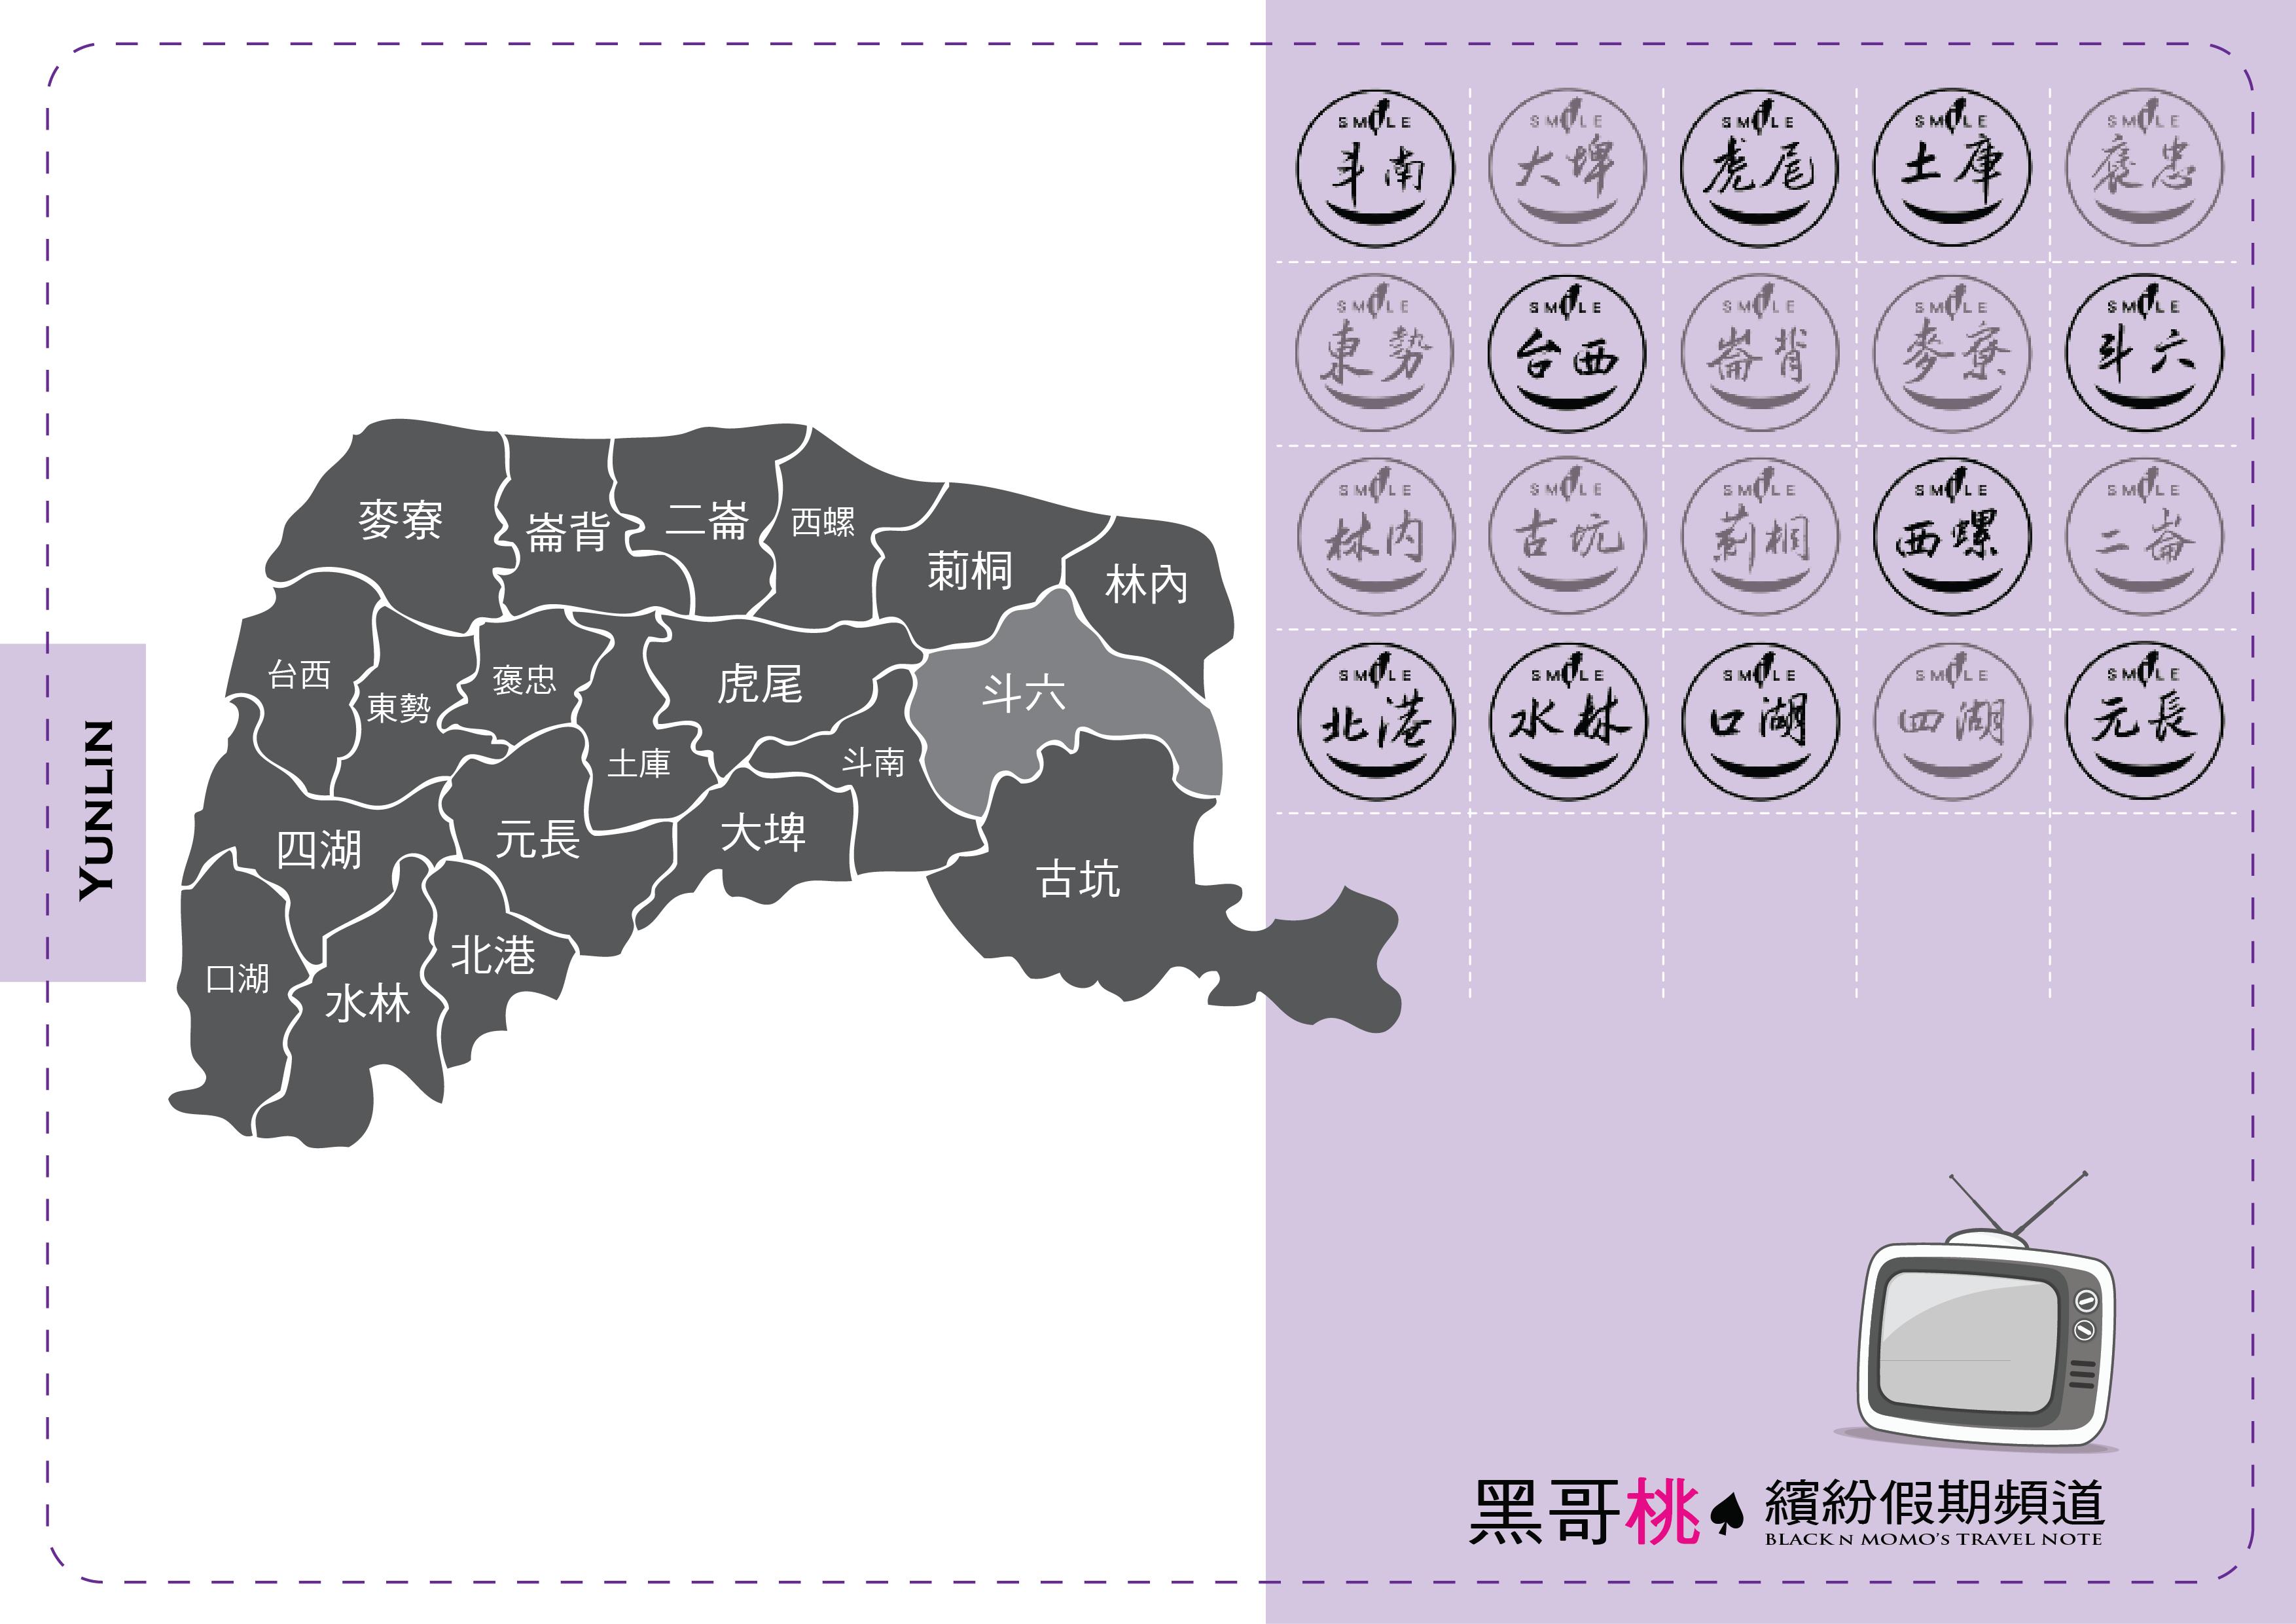 雲林行政圖.png